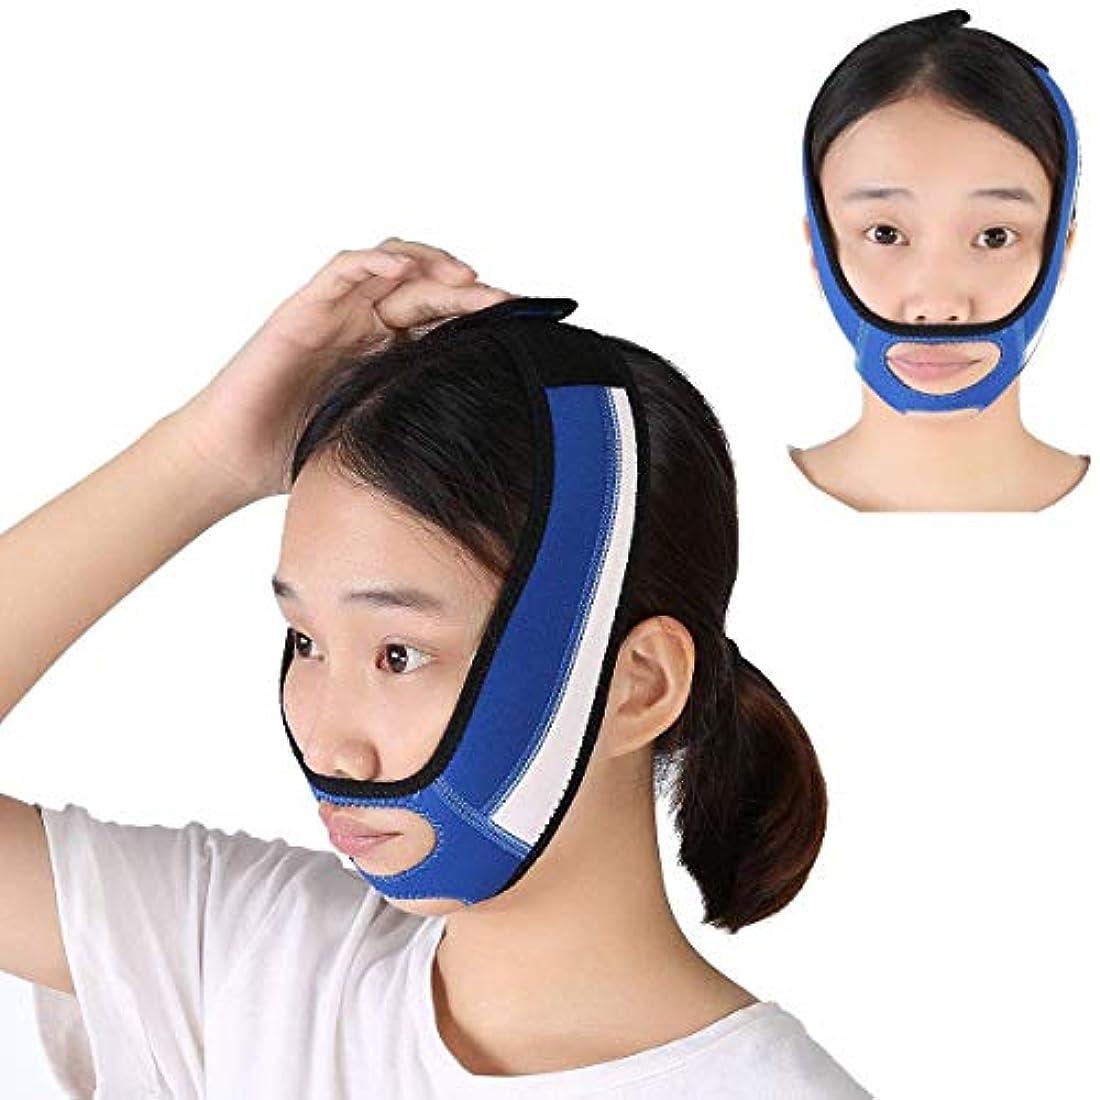 社員鎖太字フェイシャルスリミングバンド-フェイスケアスキンマスクを締めます-フェイシャルスリミング用Vラインフェイスベルト、ダブルチン&しわの除去